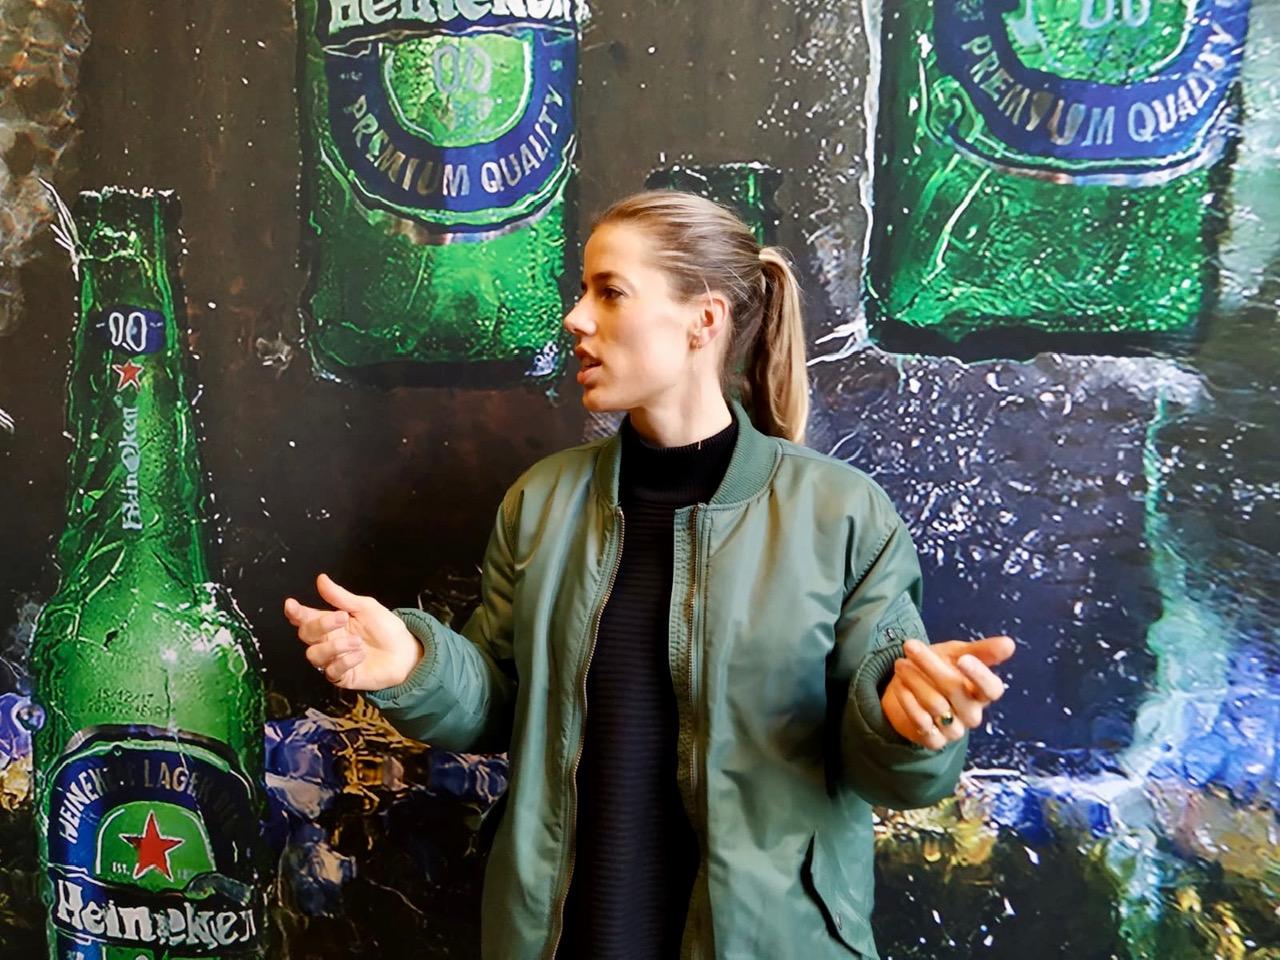 Elsemiek Groen werkt als change manager voor Heineken.